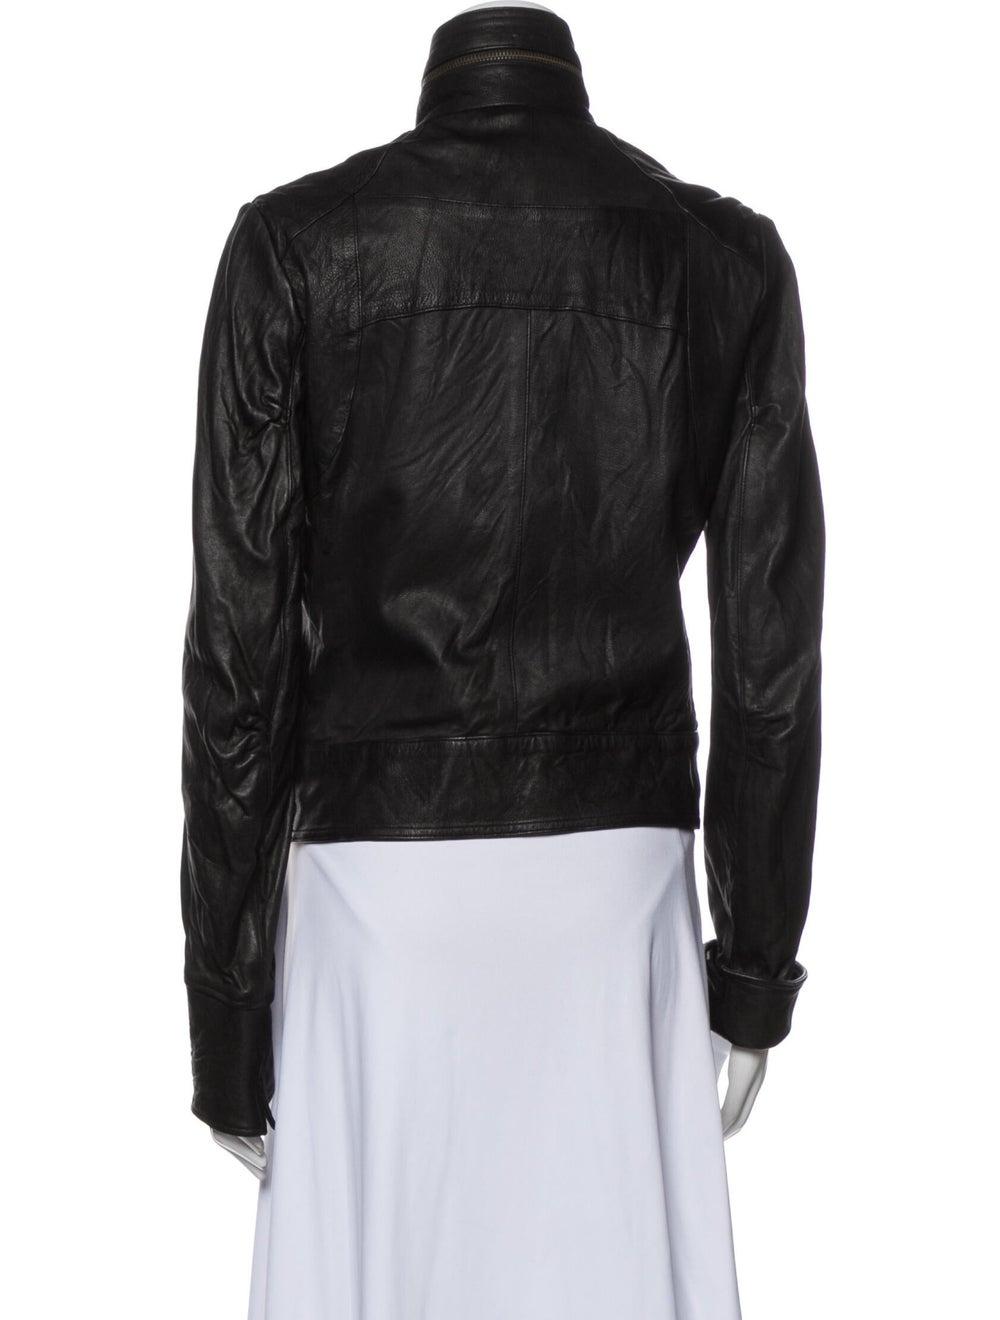 Duarte Leather Biker Jacket Black - image 3